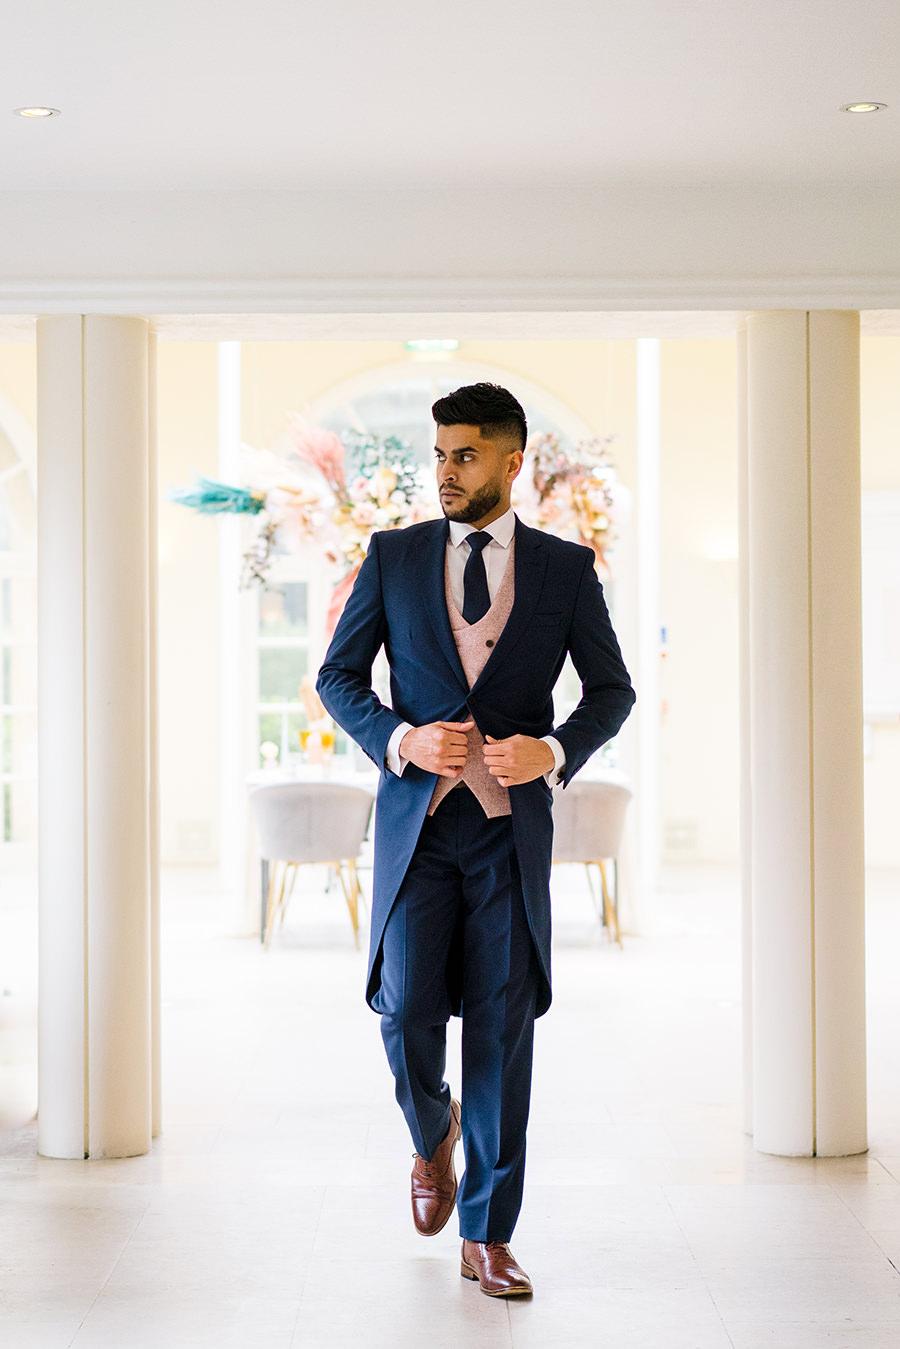 Ivory Events Stapleford Park wedding styled shoot (11)